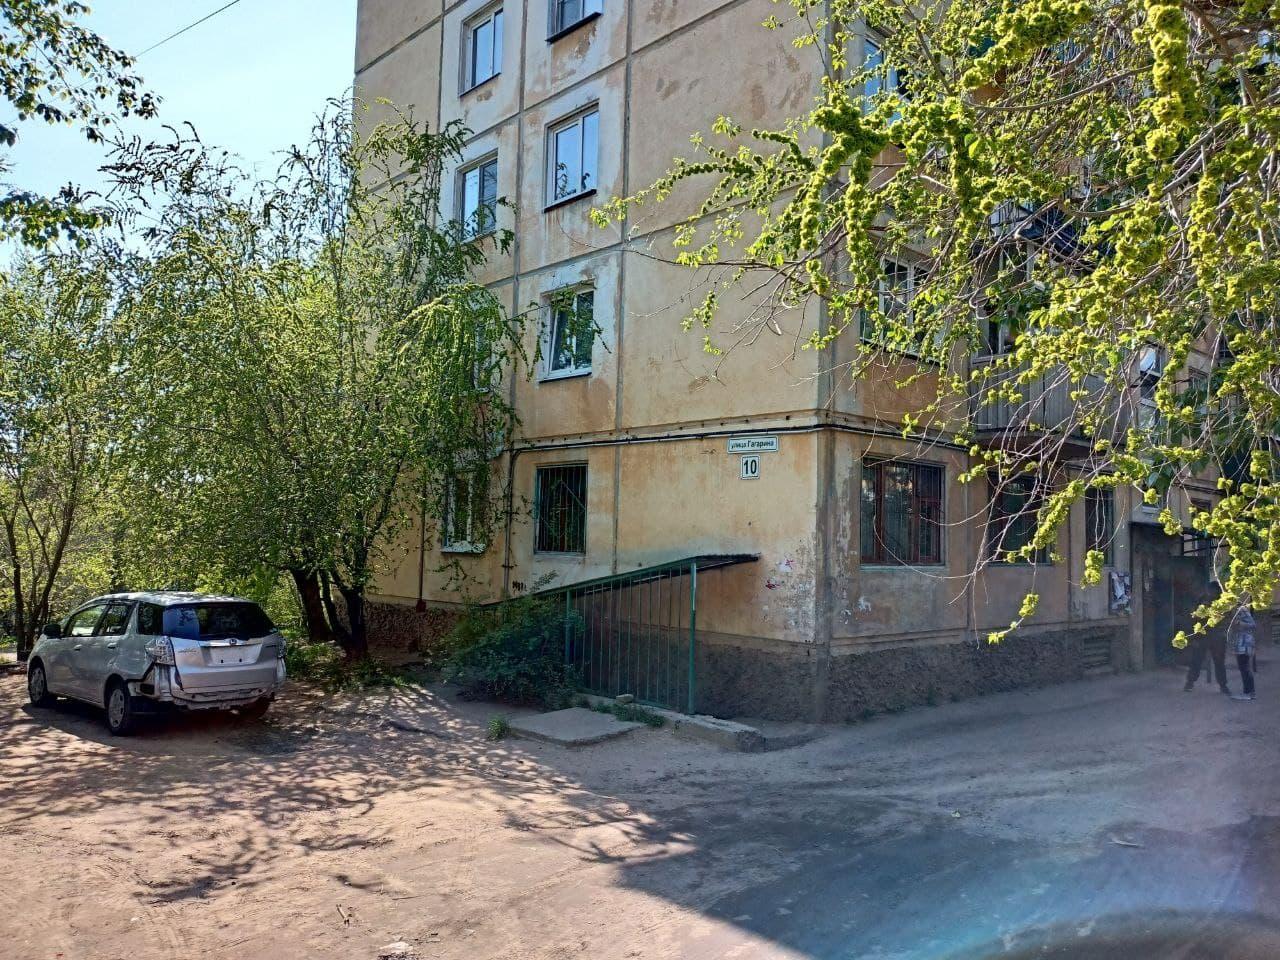 Жители дома на Гагарина в Чите уже больше недели сидят без горячей воды